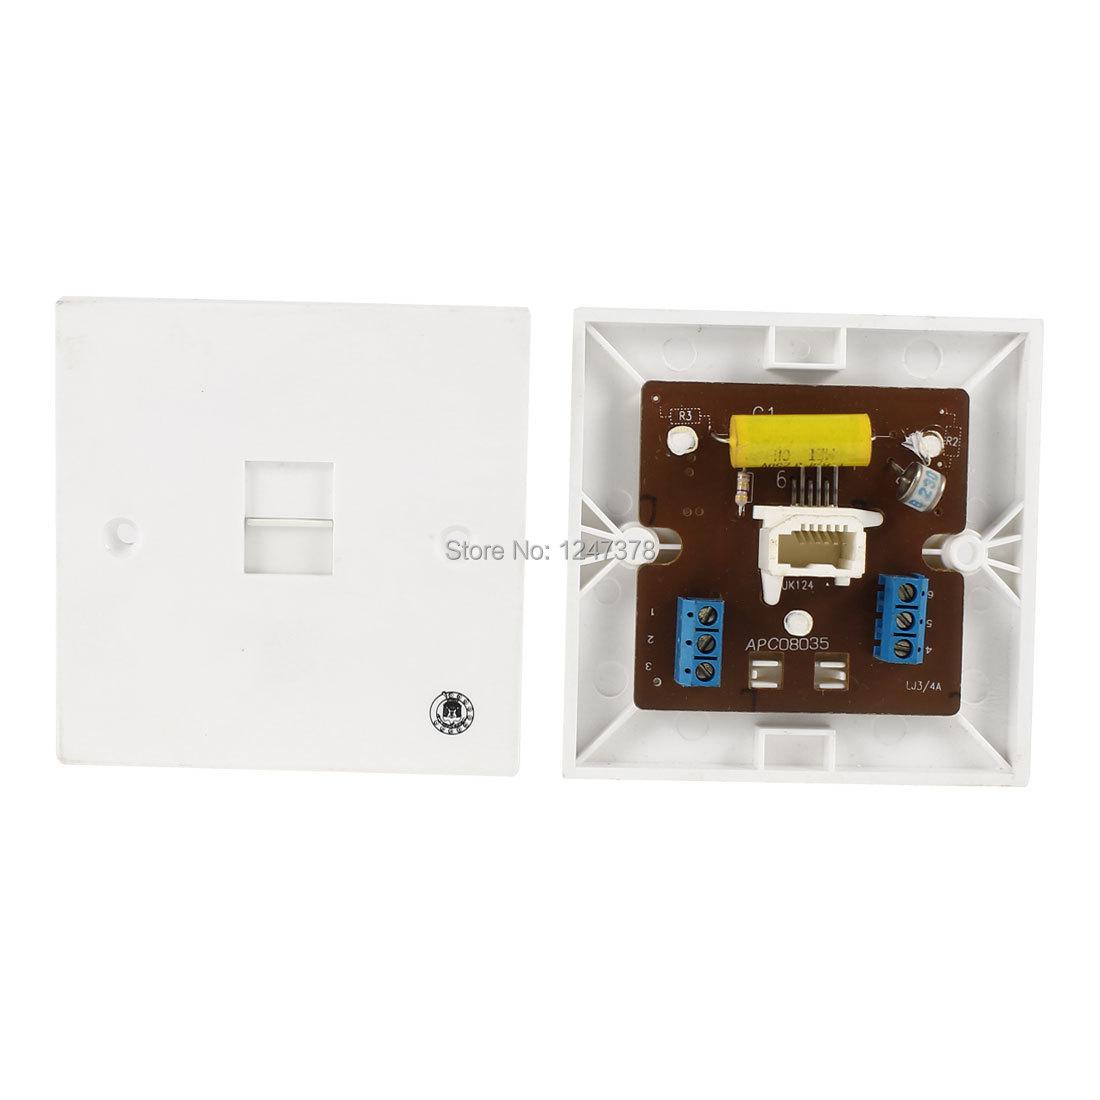 2 Pcs/lot 6P4C 4 Pins BT RJ11 Socket Telephone Surge Protector Wall Plate Gray(China (Mainland))